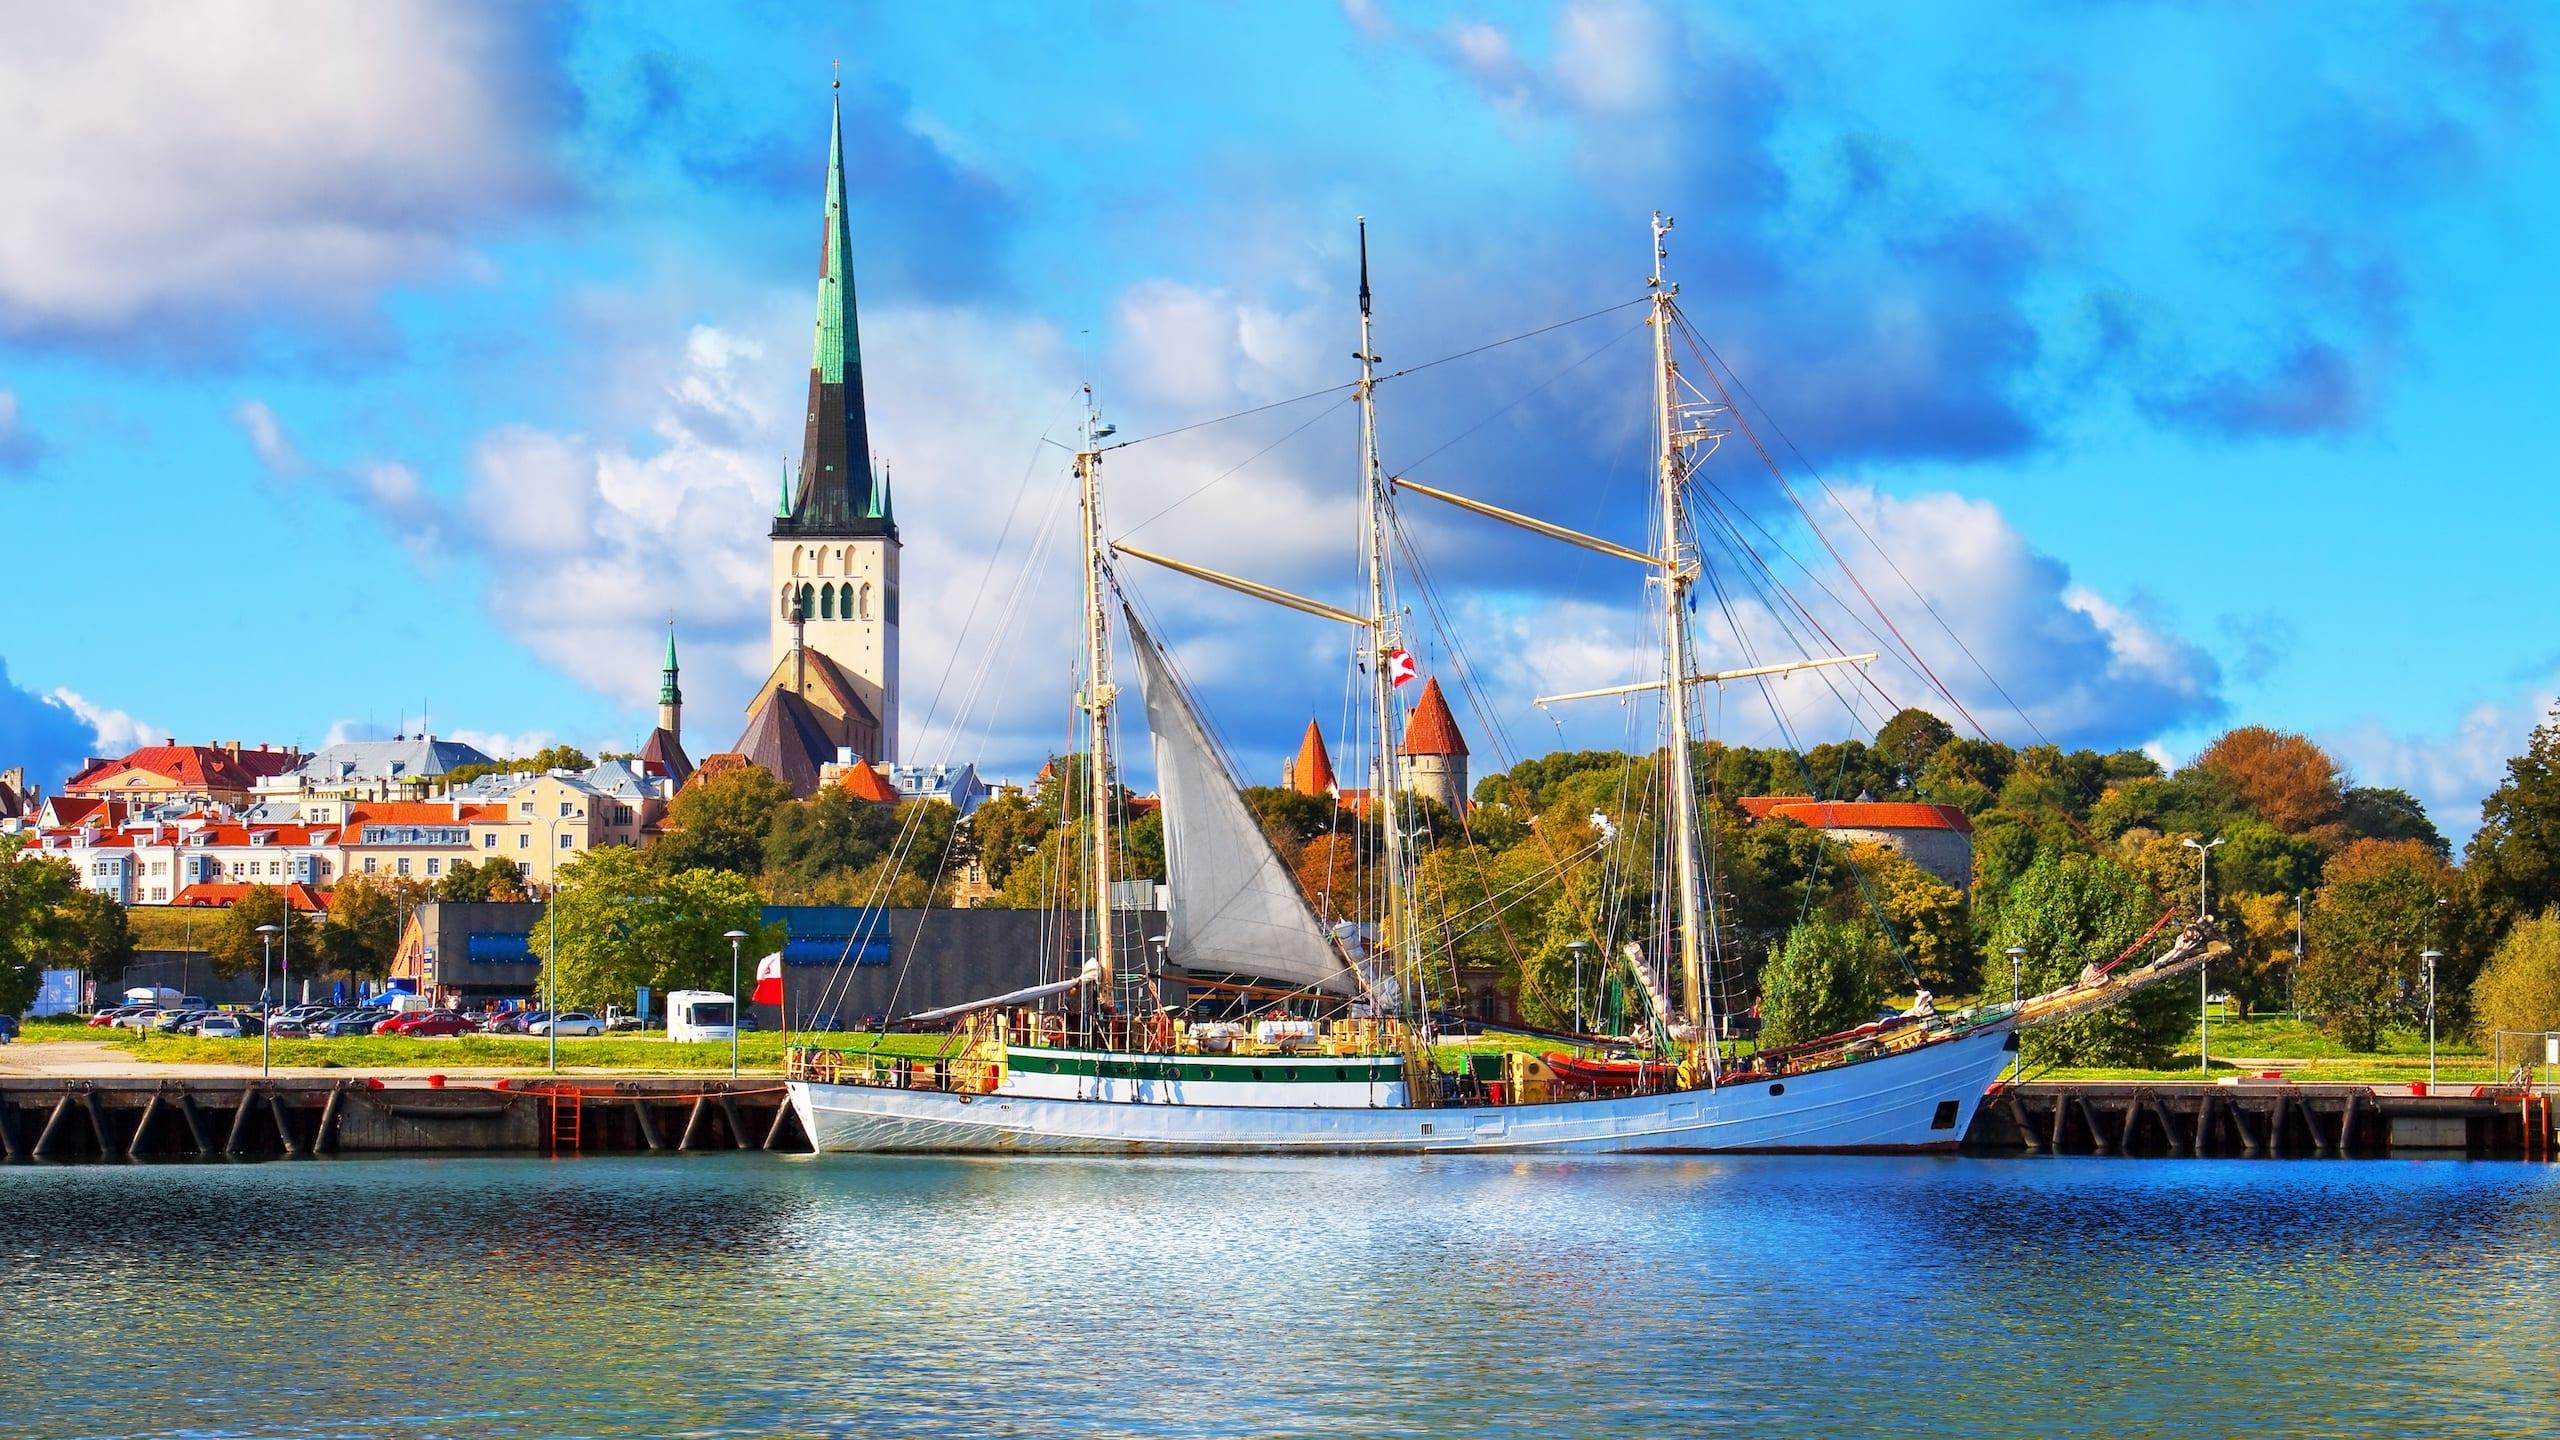 Coastline in Tallinn, Estonia